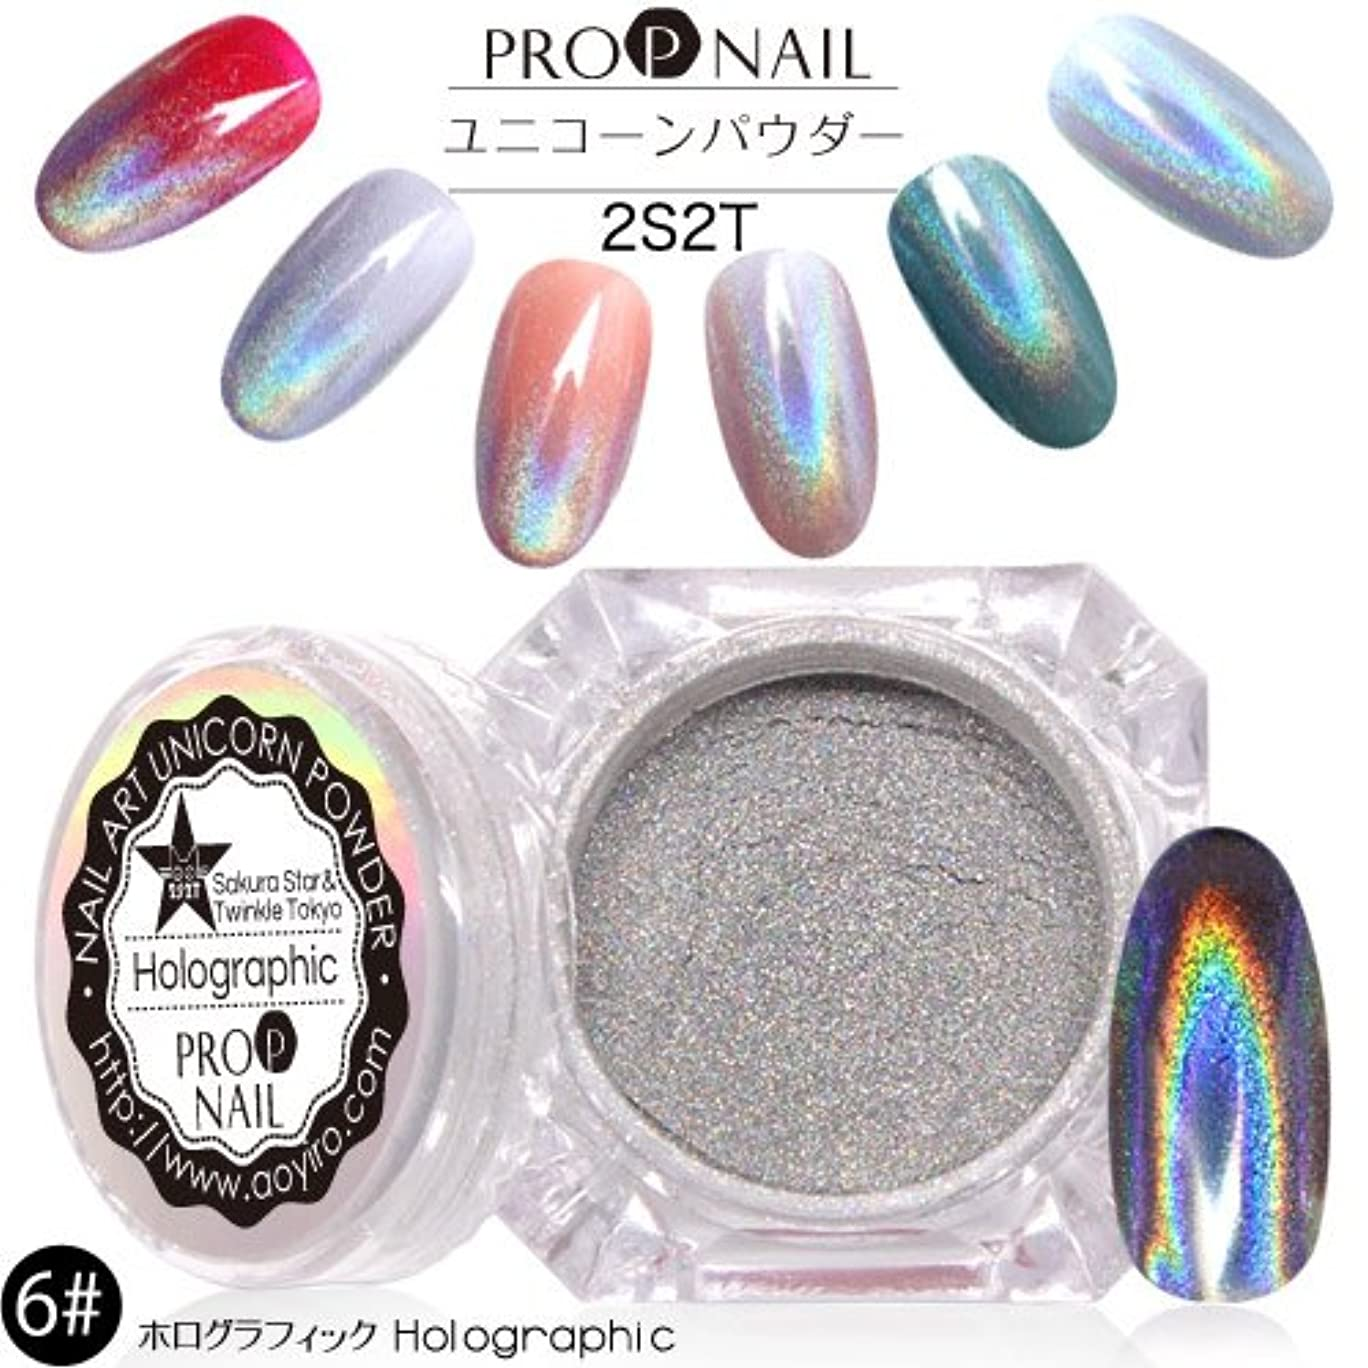 安いです符号嬉しいです(6#ホログラフィック)【2S2Tマジックレインボーメタルミラーパウダー】クロムパウダー/ユニコーンパウダー/オーロラ/クロムピグメント/メタリック/鏡面/ミラー/パウダー/グリッター/パール/Magic Metal Rainbow...